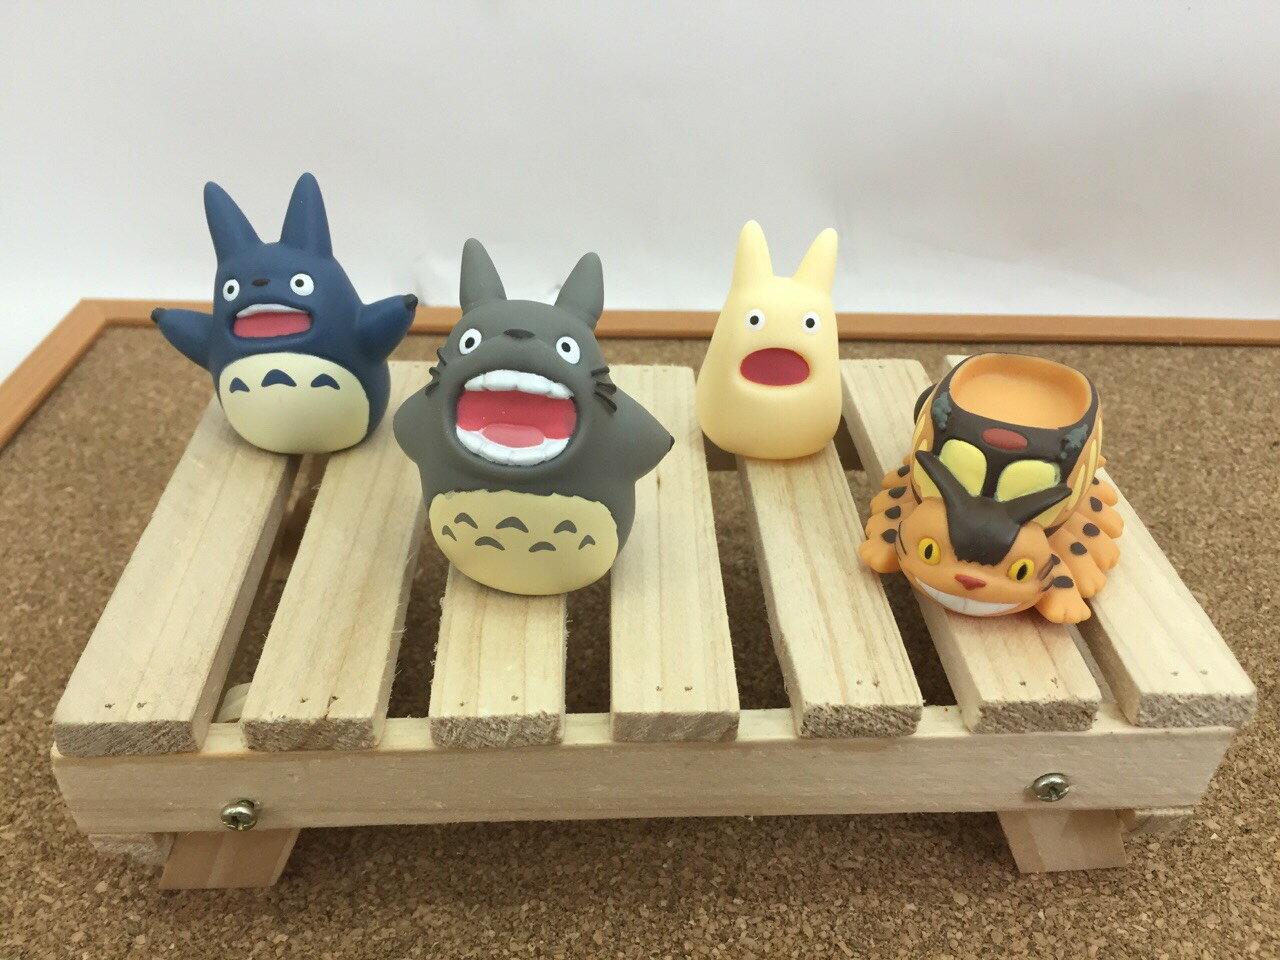 【真愛日本】15061300016指套娃娃-白龍貓吼叫 龍貓 TOTORO 豆豆龍 收藏 擺飾 玩具 公仔 正品 限量 2